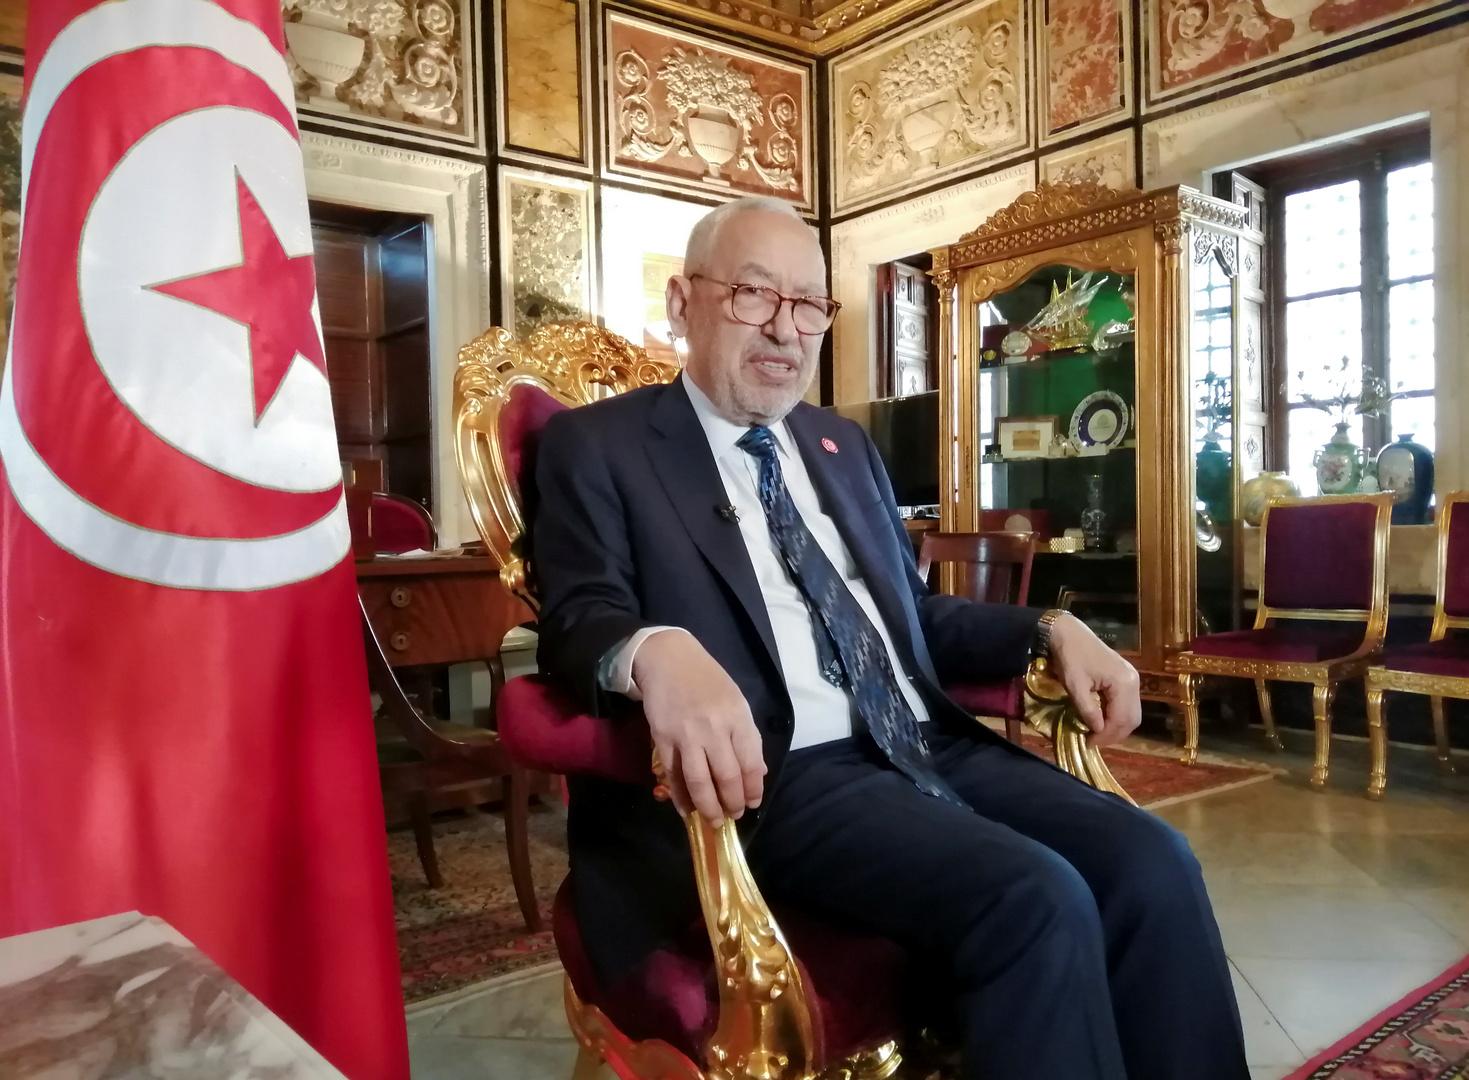 الغنوشي: تونس تحتاج استقرارا سياسيا لا تغييرا للحكومة